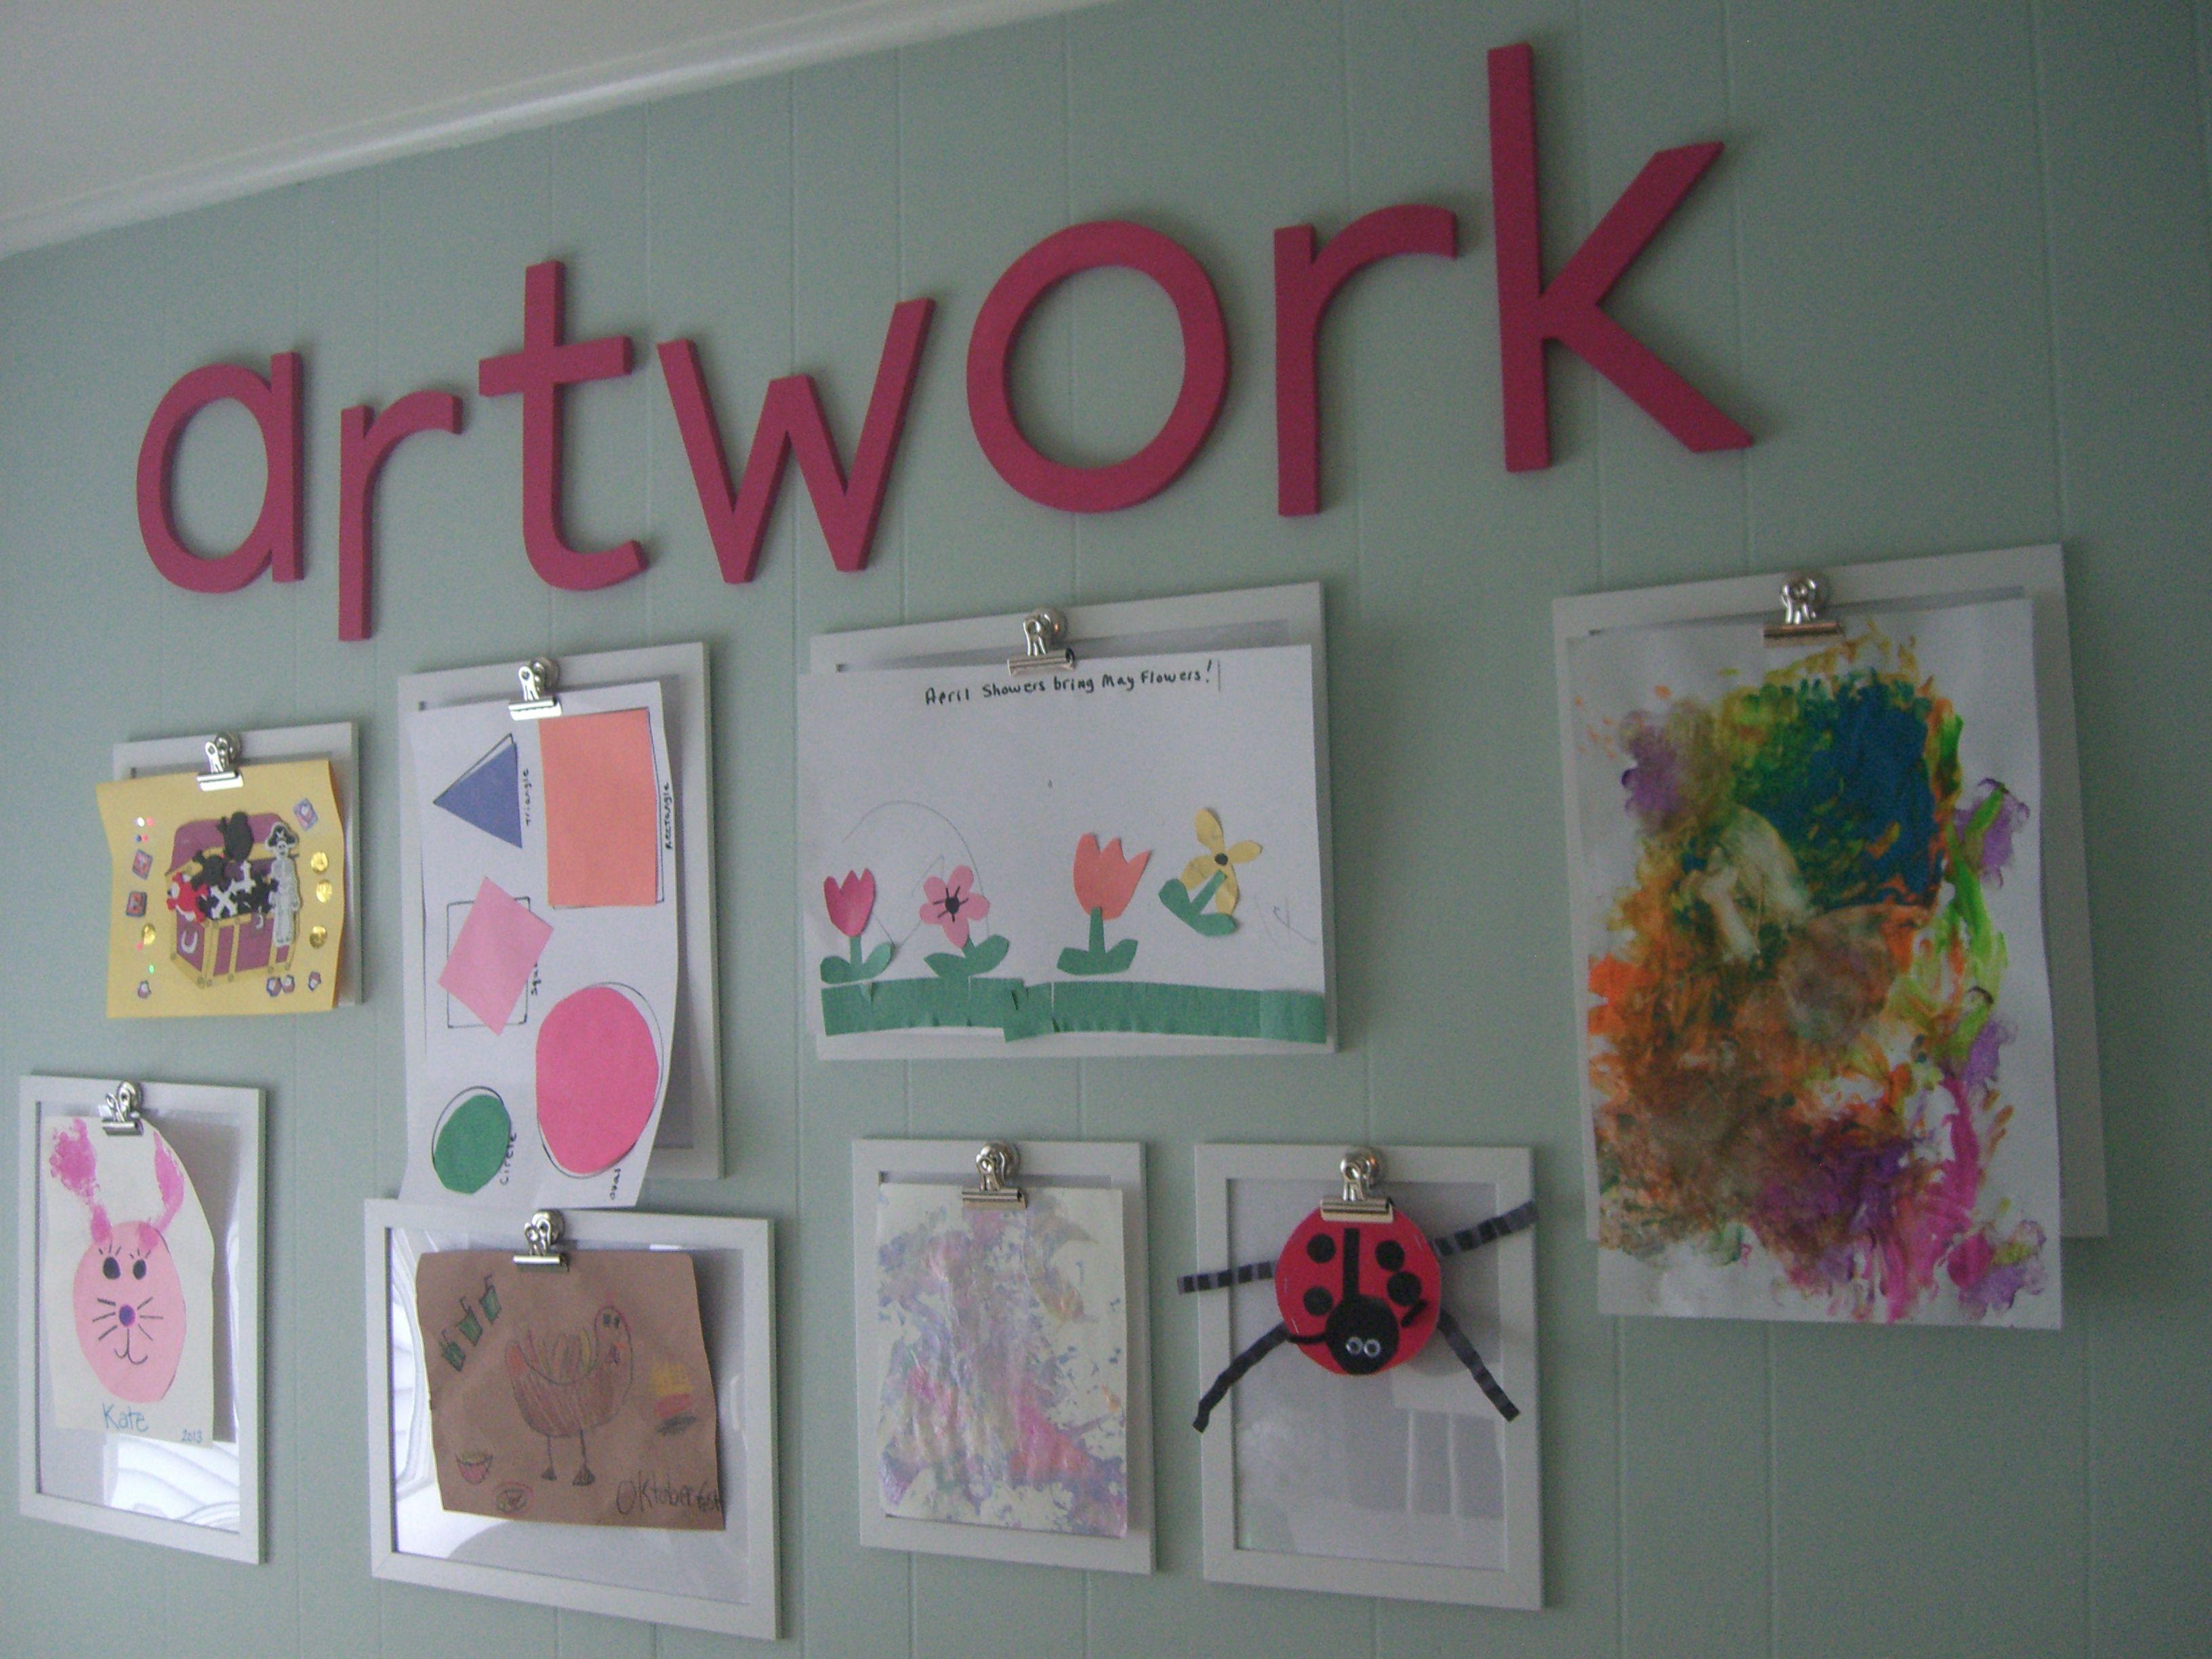 Kitchen Wall Kids Artwork Display Home Displaying